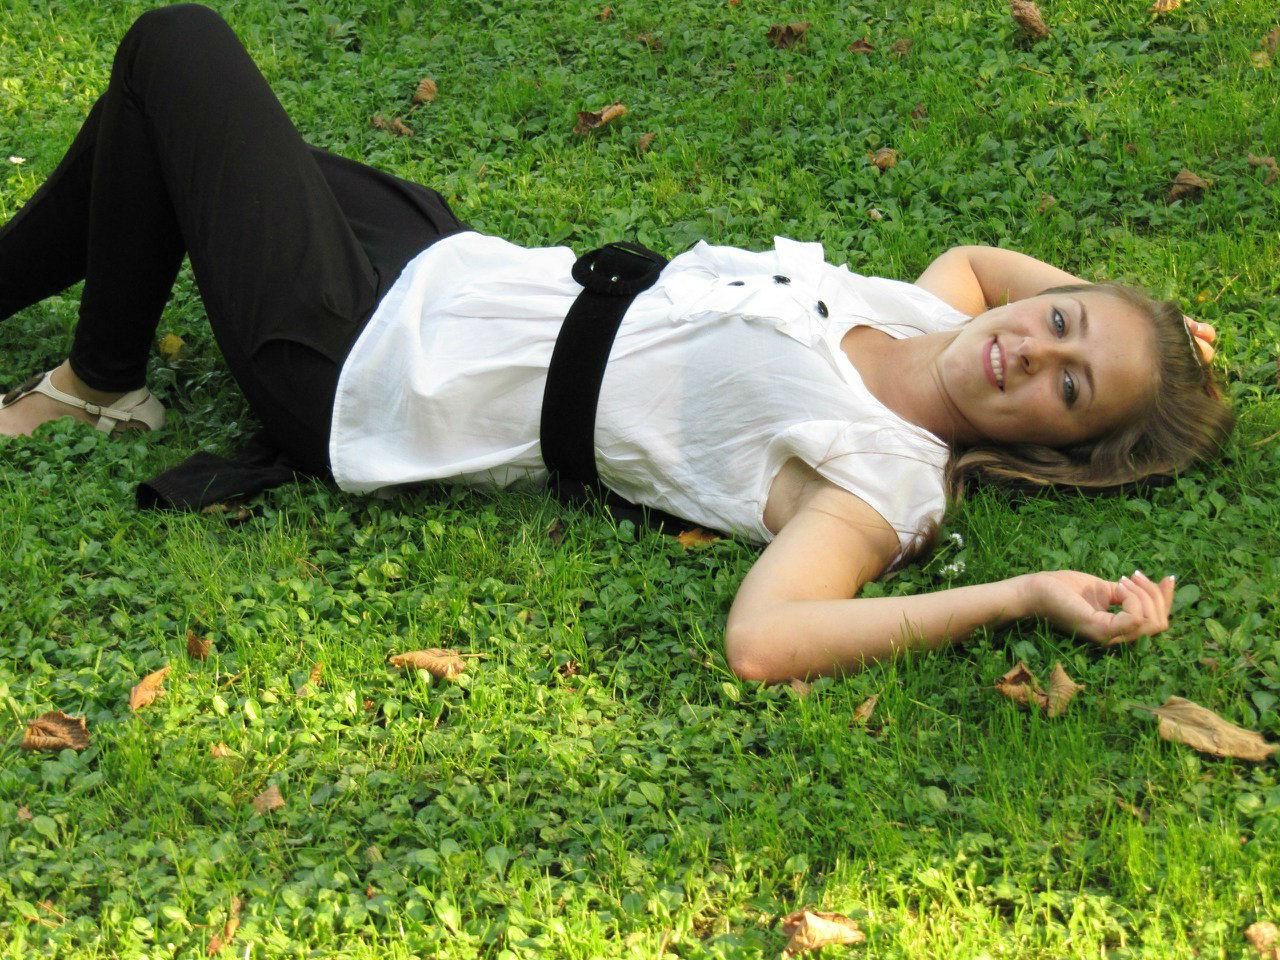 Светлорусая девчонка в белой тунике на траве